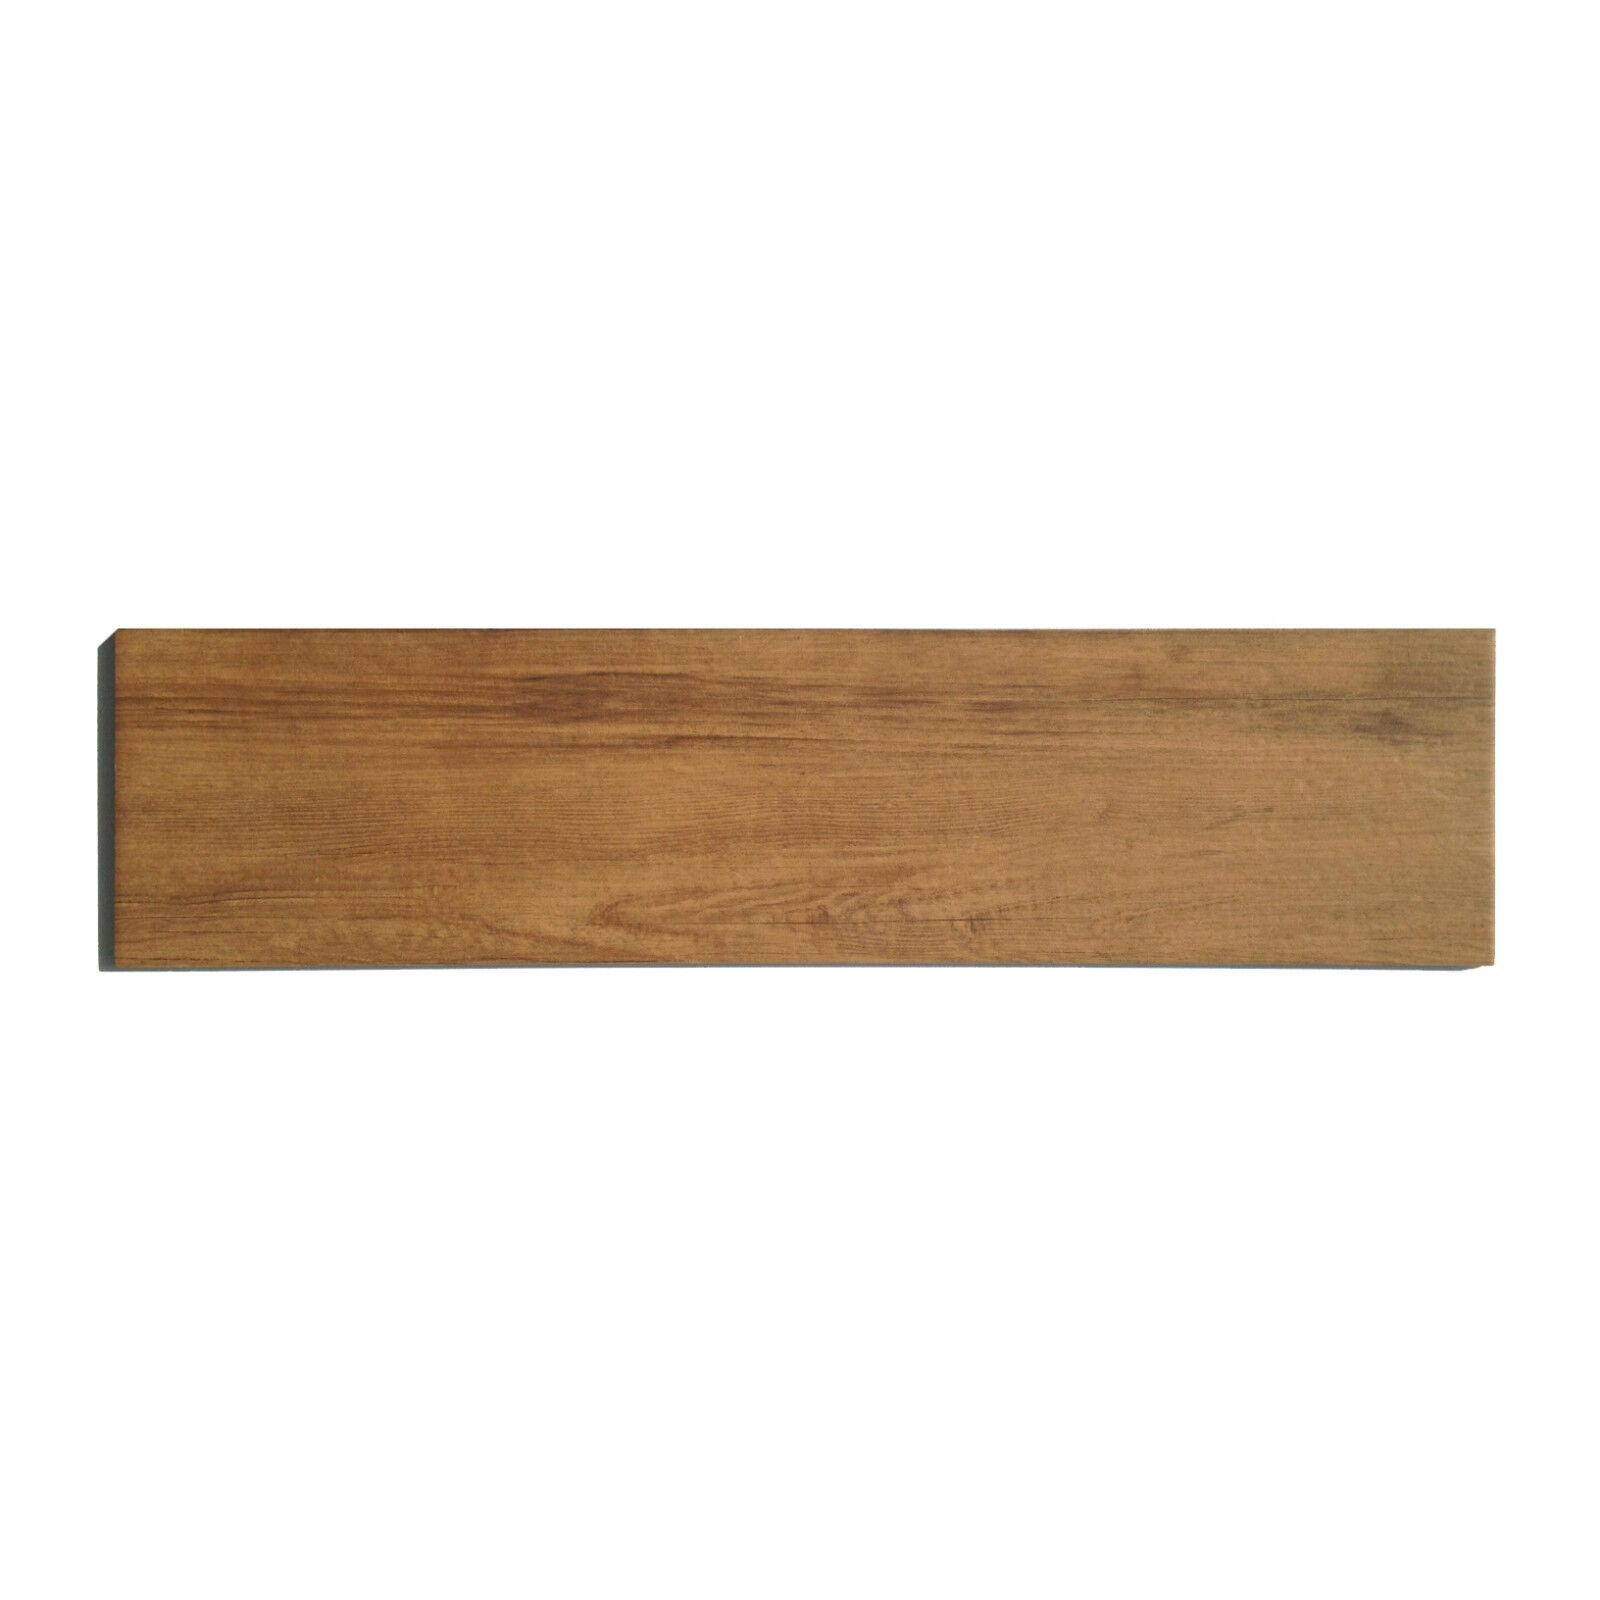 Confronta prezzi di piastrelle ceramiche e gres porcellanato - Gres porcellanato effetto legno 15x60 12 00 mq iva ...